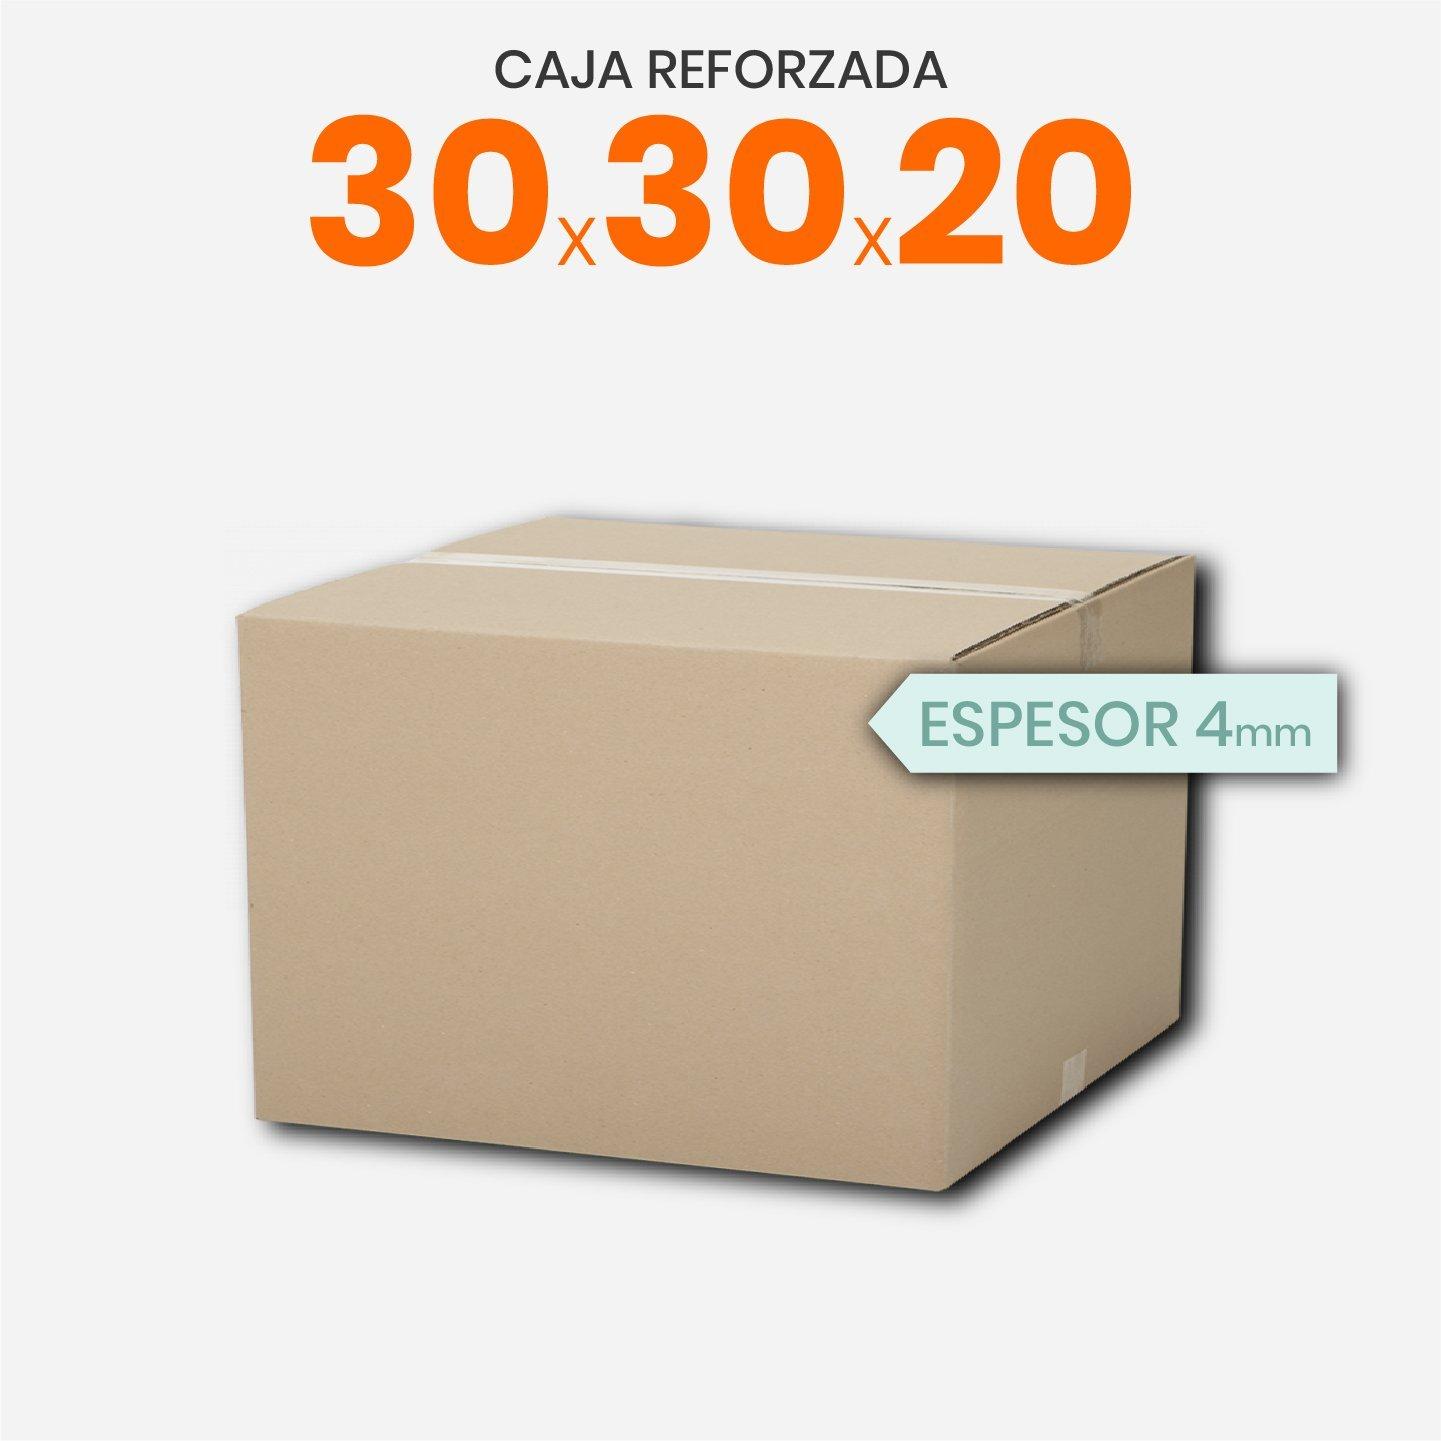 Caja De Cartón Corrugado Reforzada 30x30x20